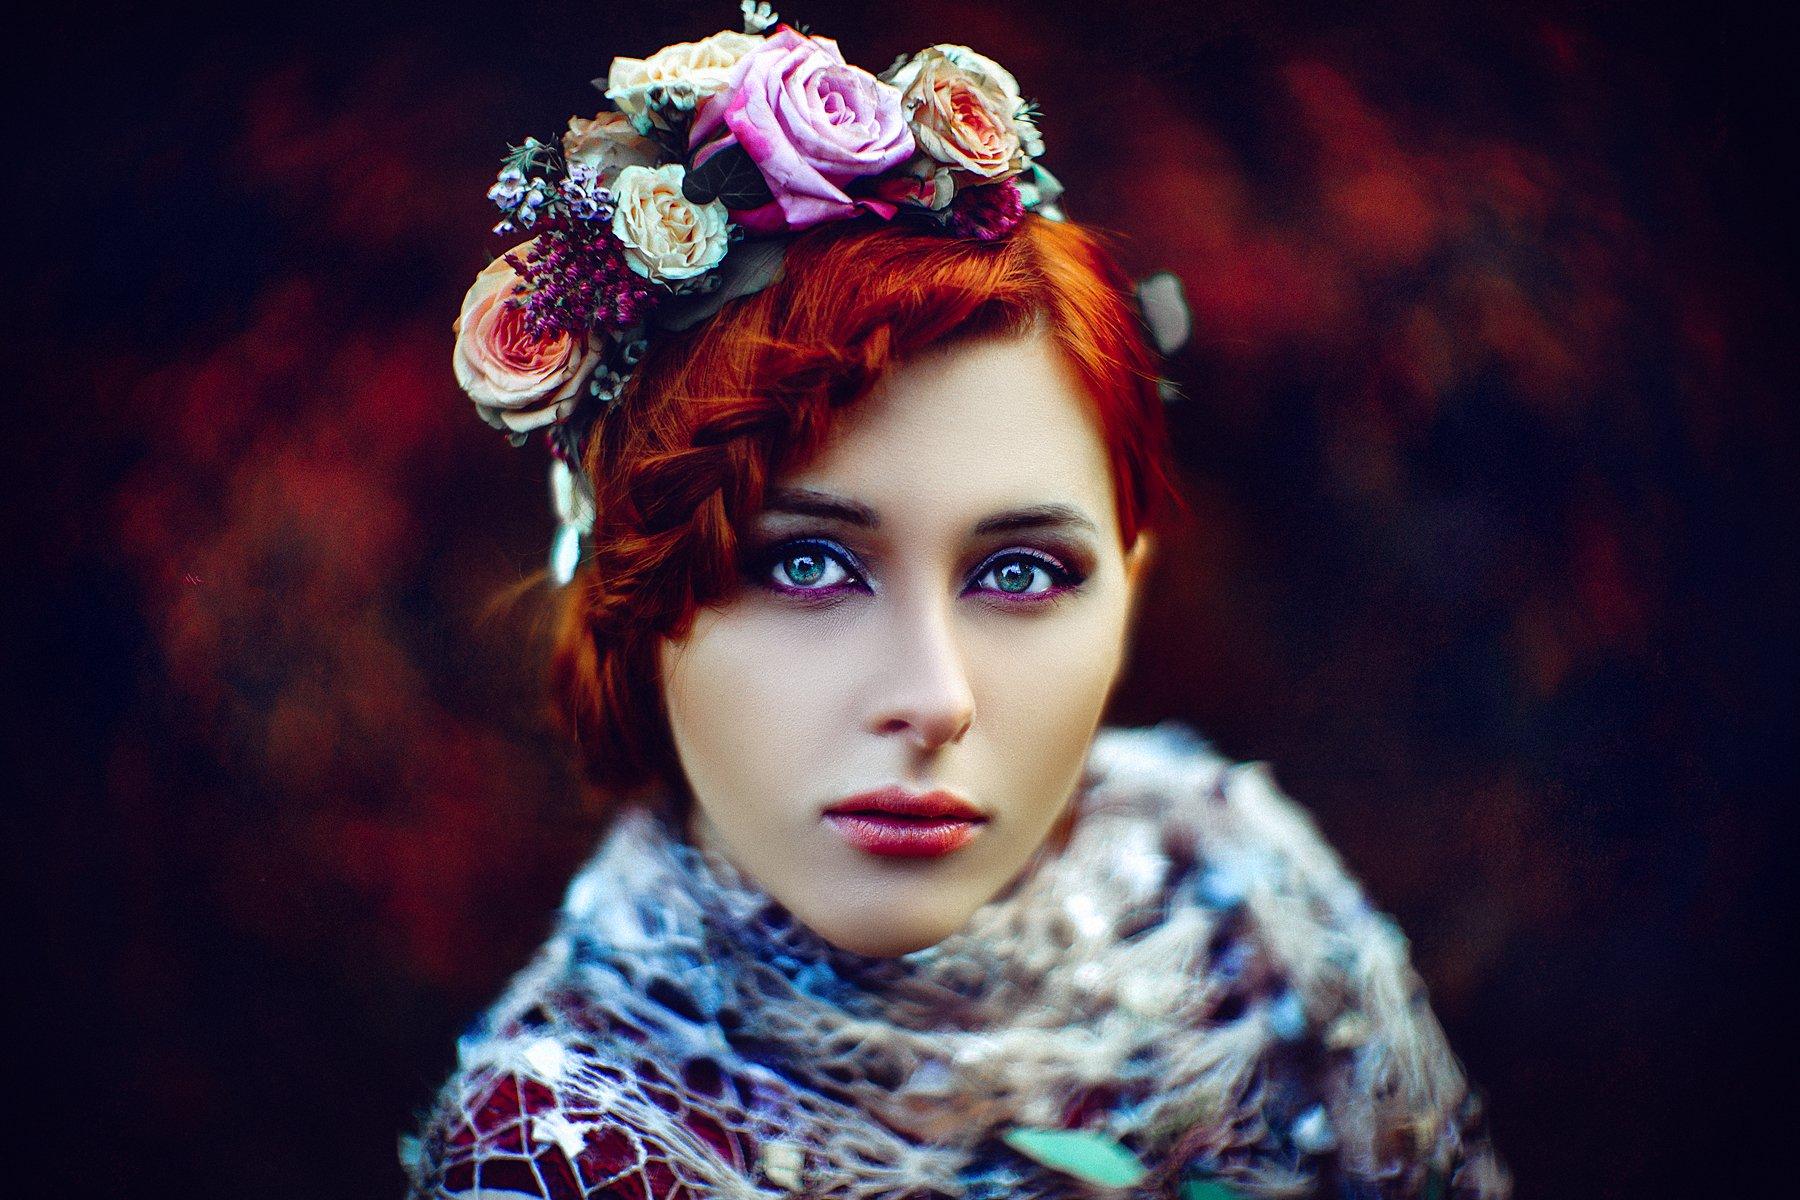 woman, portrait, flowers, beauty, Руслан Болгов (Axe)